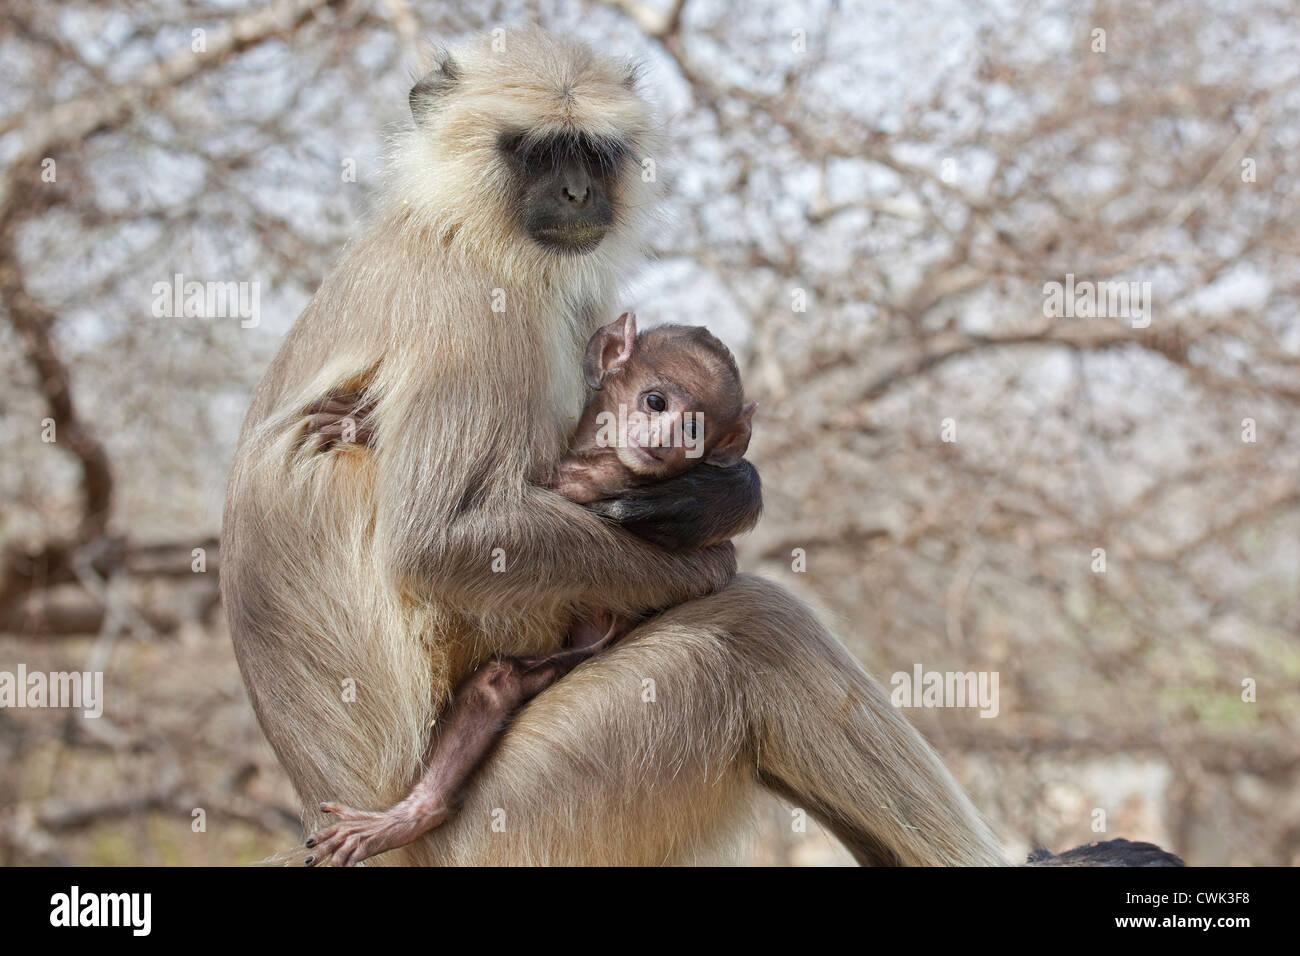 Grigio / langur Hanuman langur (Semnopithecus entellus) con il bambino, il Parco nazionale di Ranthambore, Sawai Immagini Stock